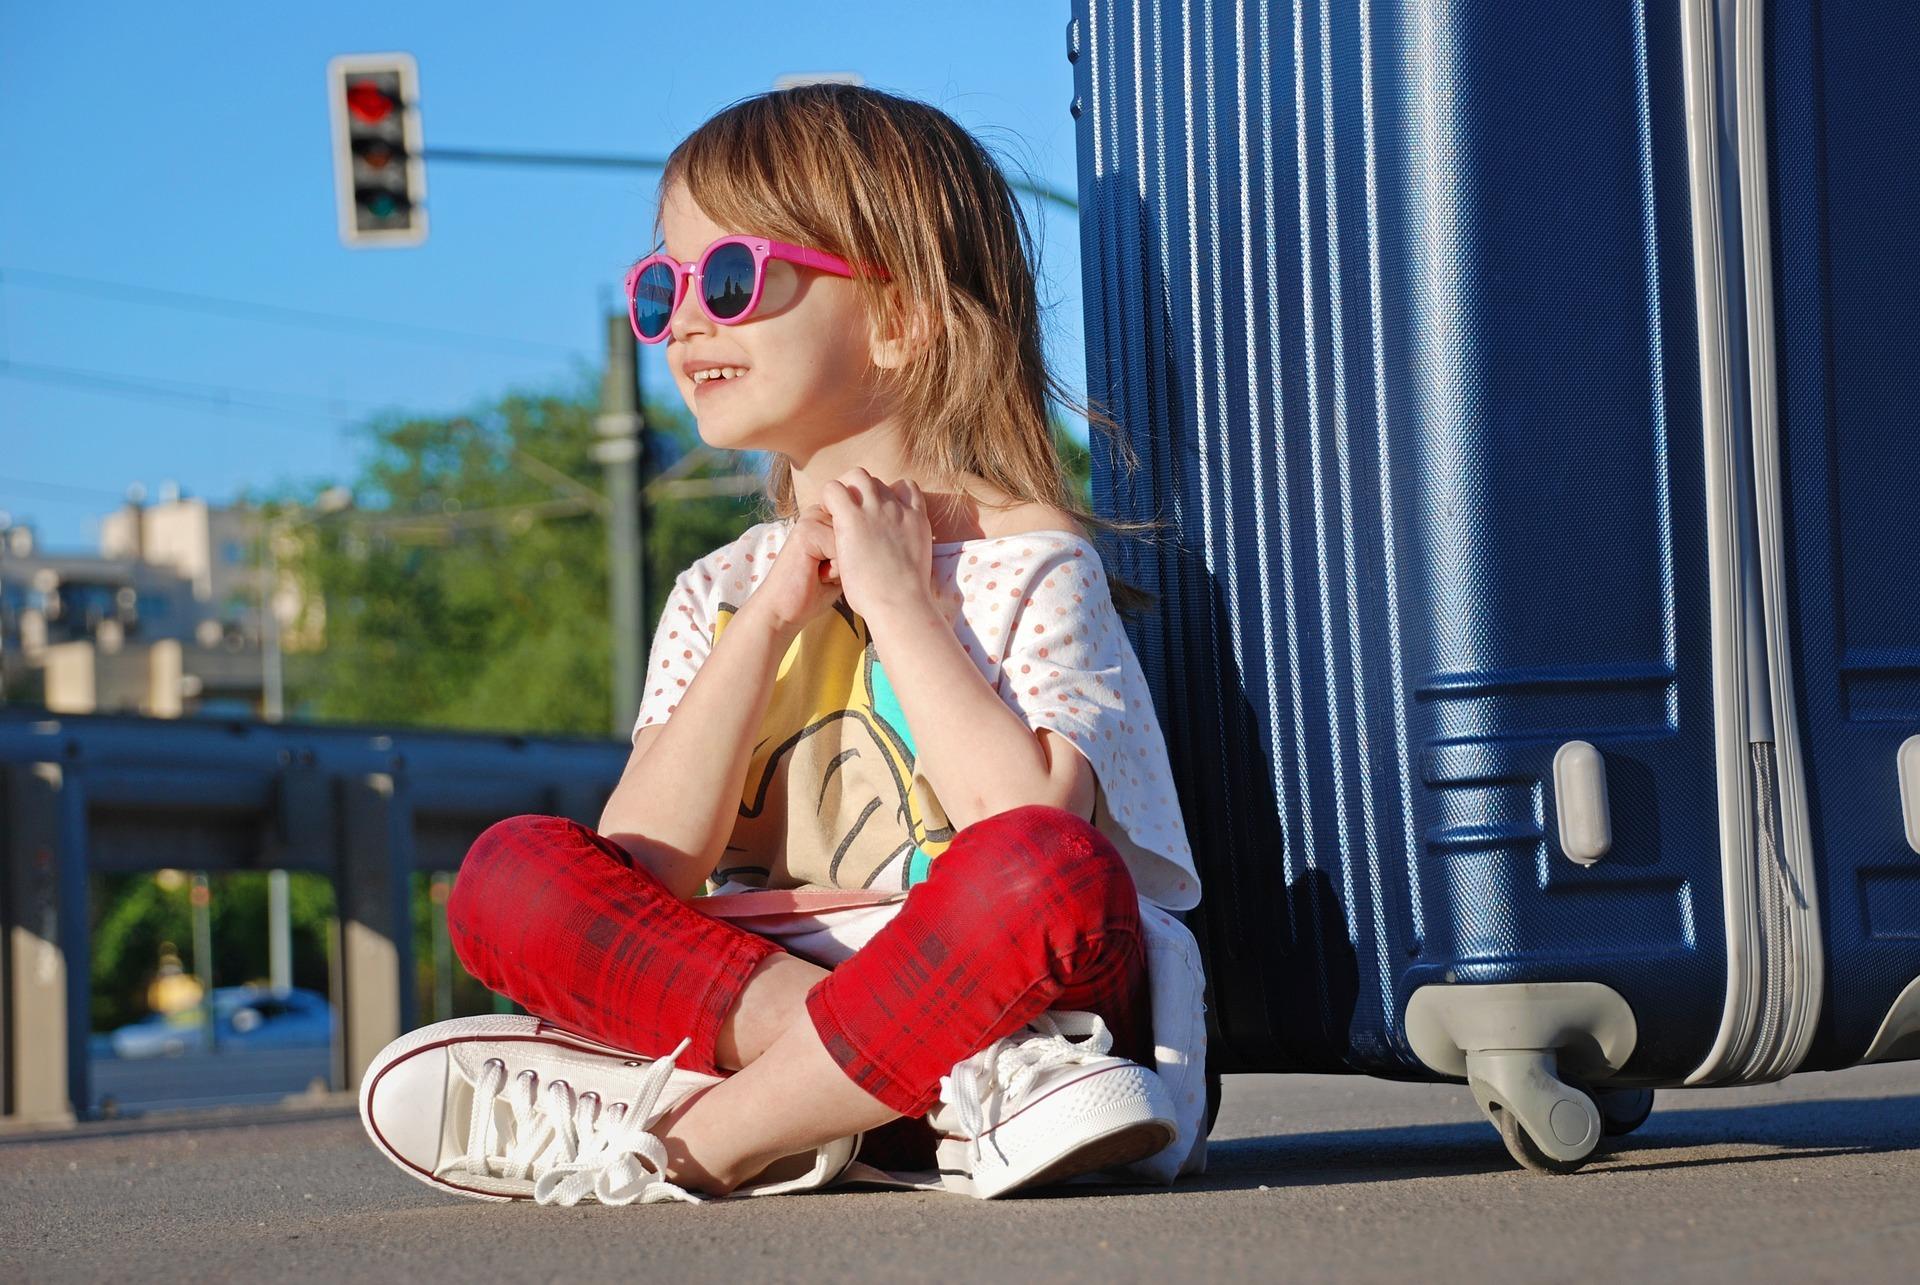 Co spakować ma wakacje z dzieckiem? Dziewczynka siedząca przy walizce,